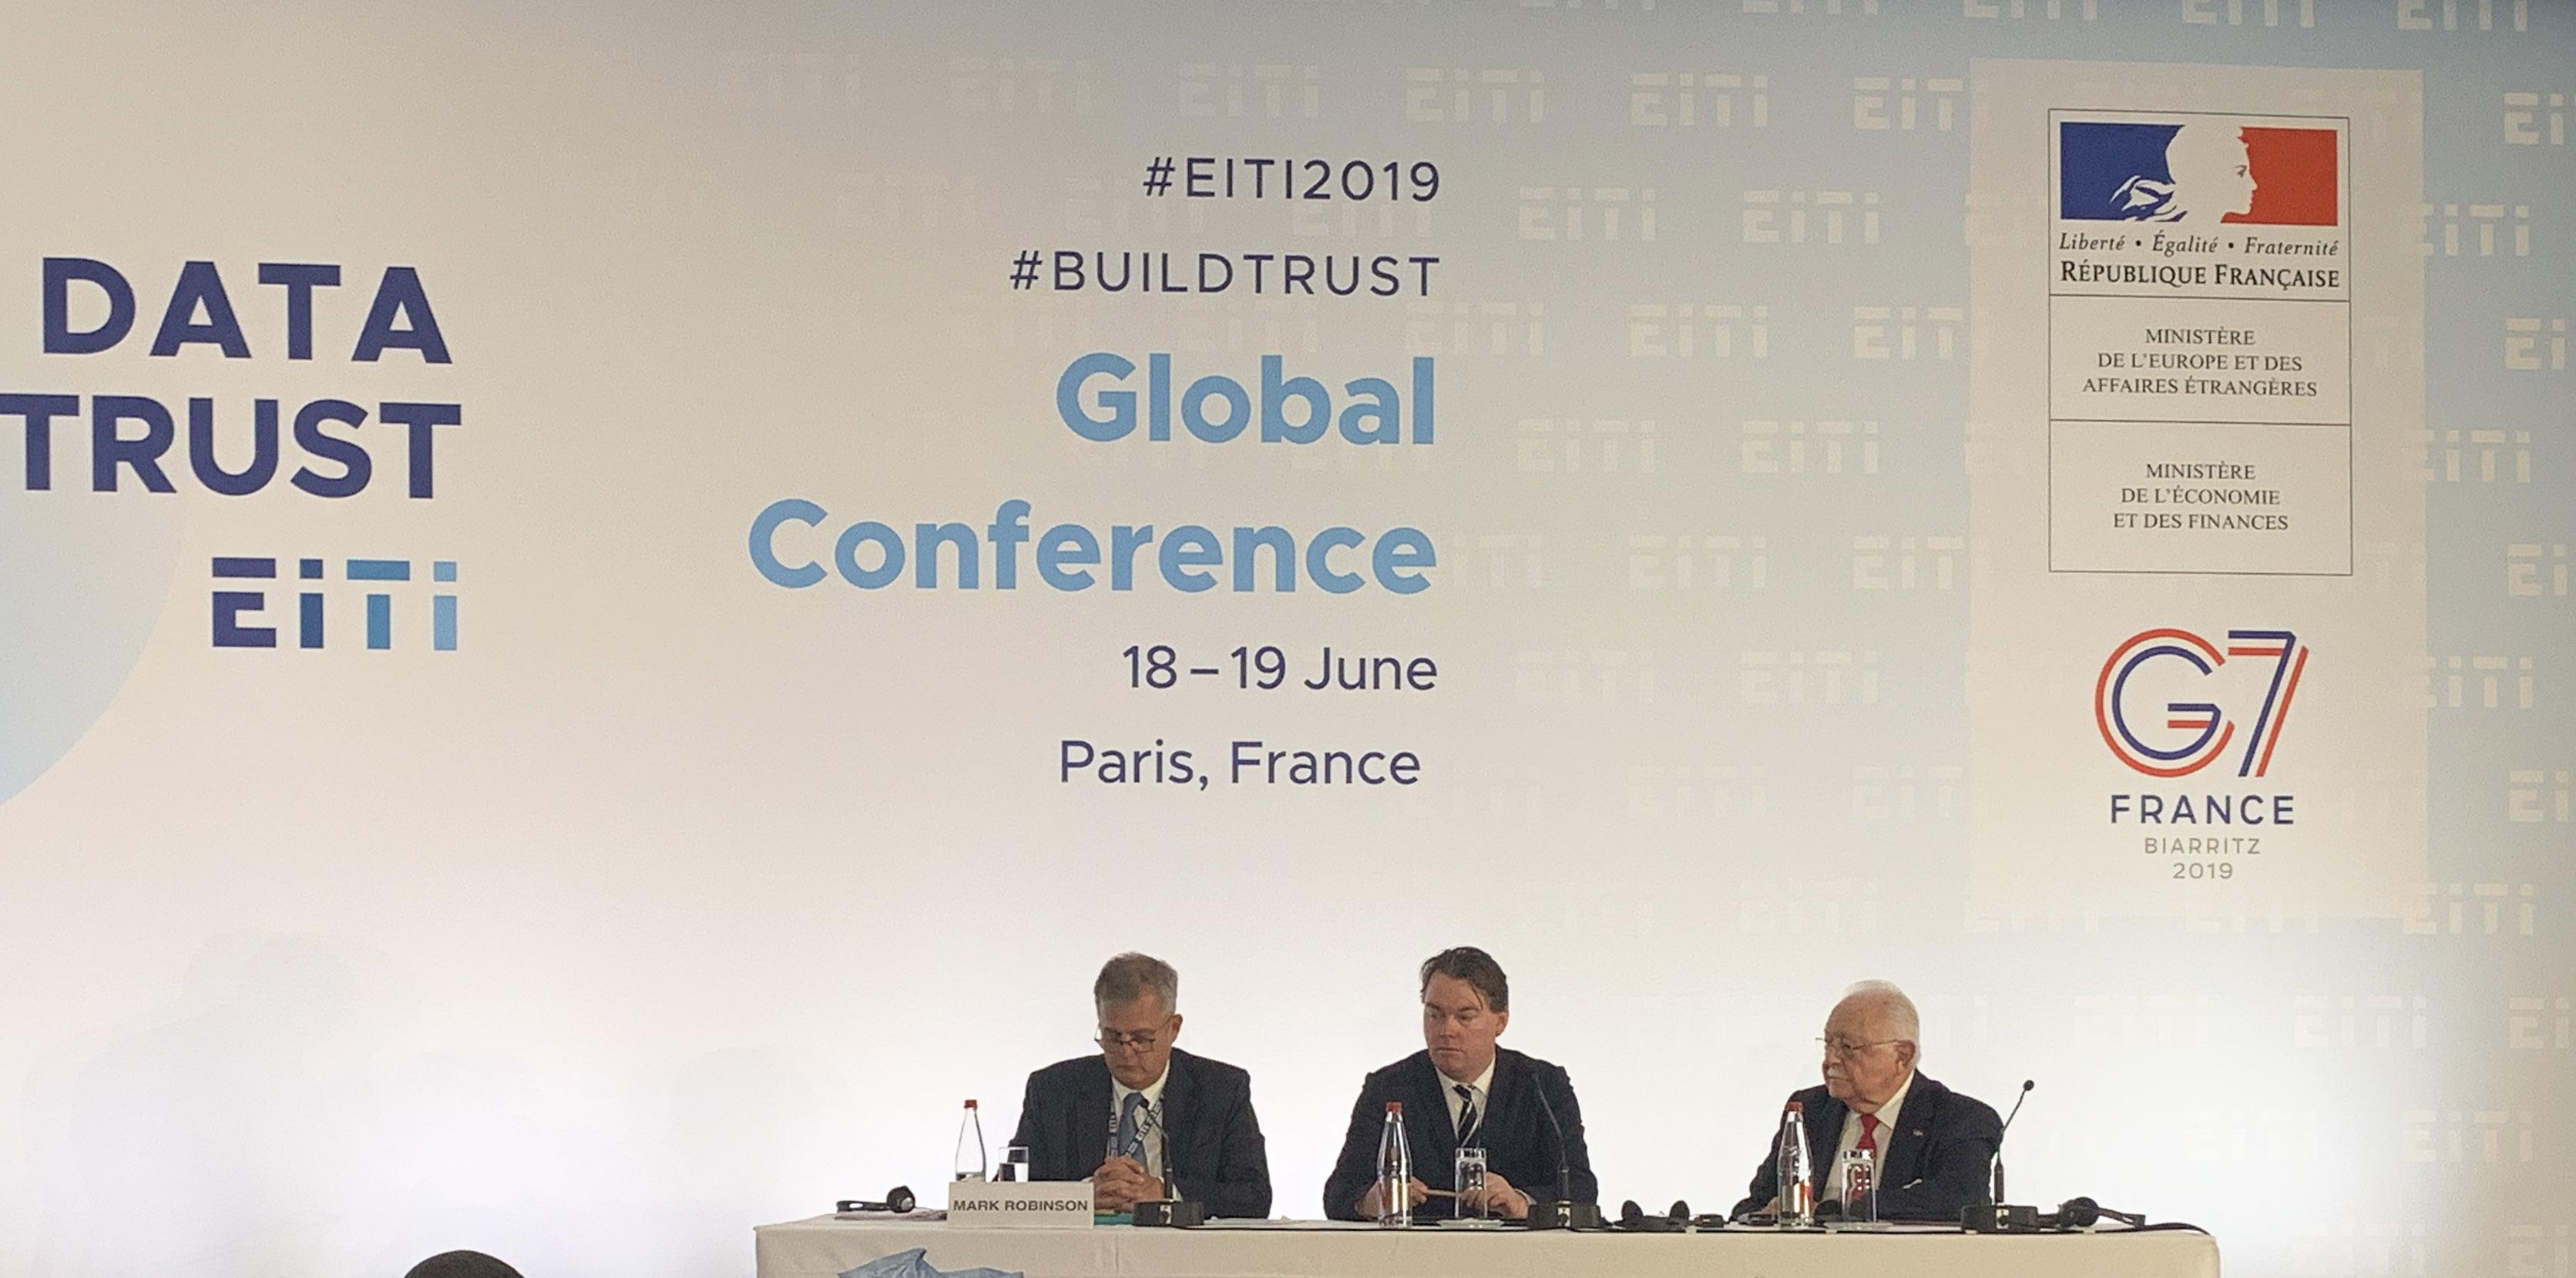 Energía y Minas expone informe de transparencia en Conferencia Global EITI